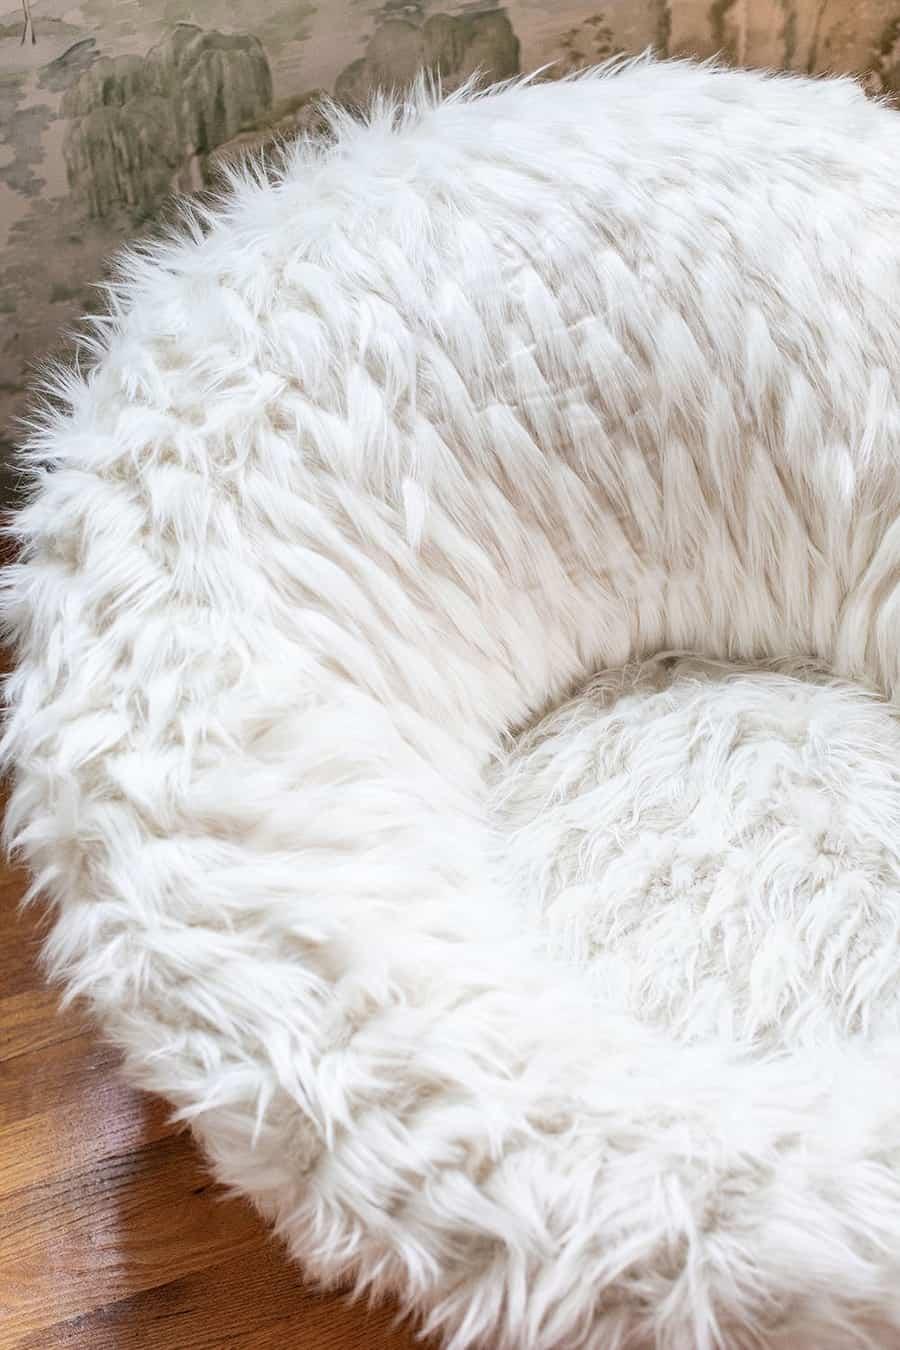 Fuzzy swivel chair